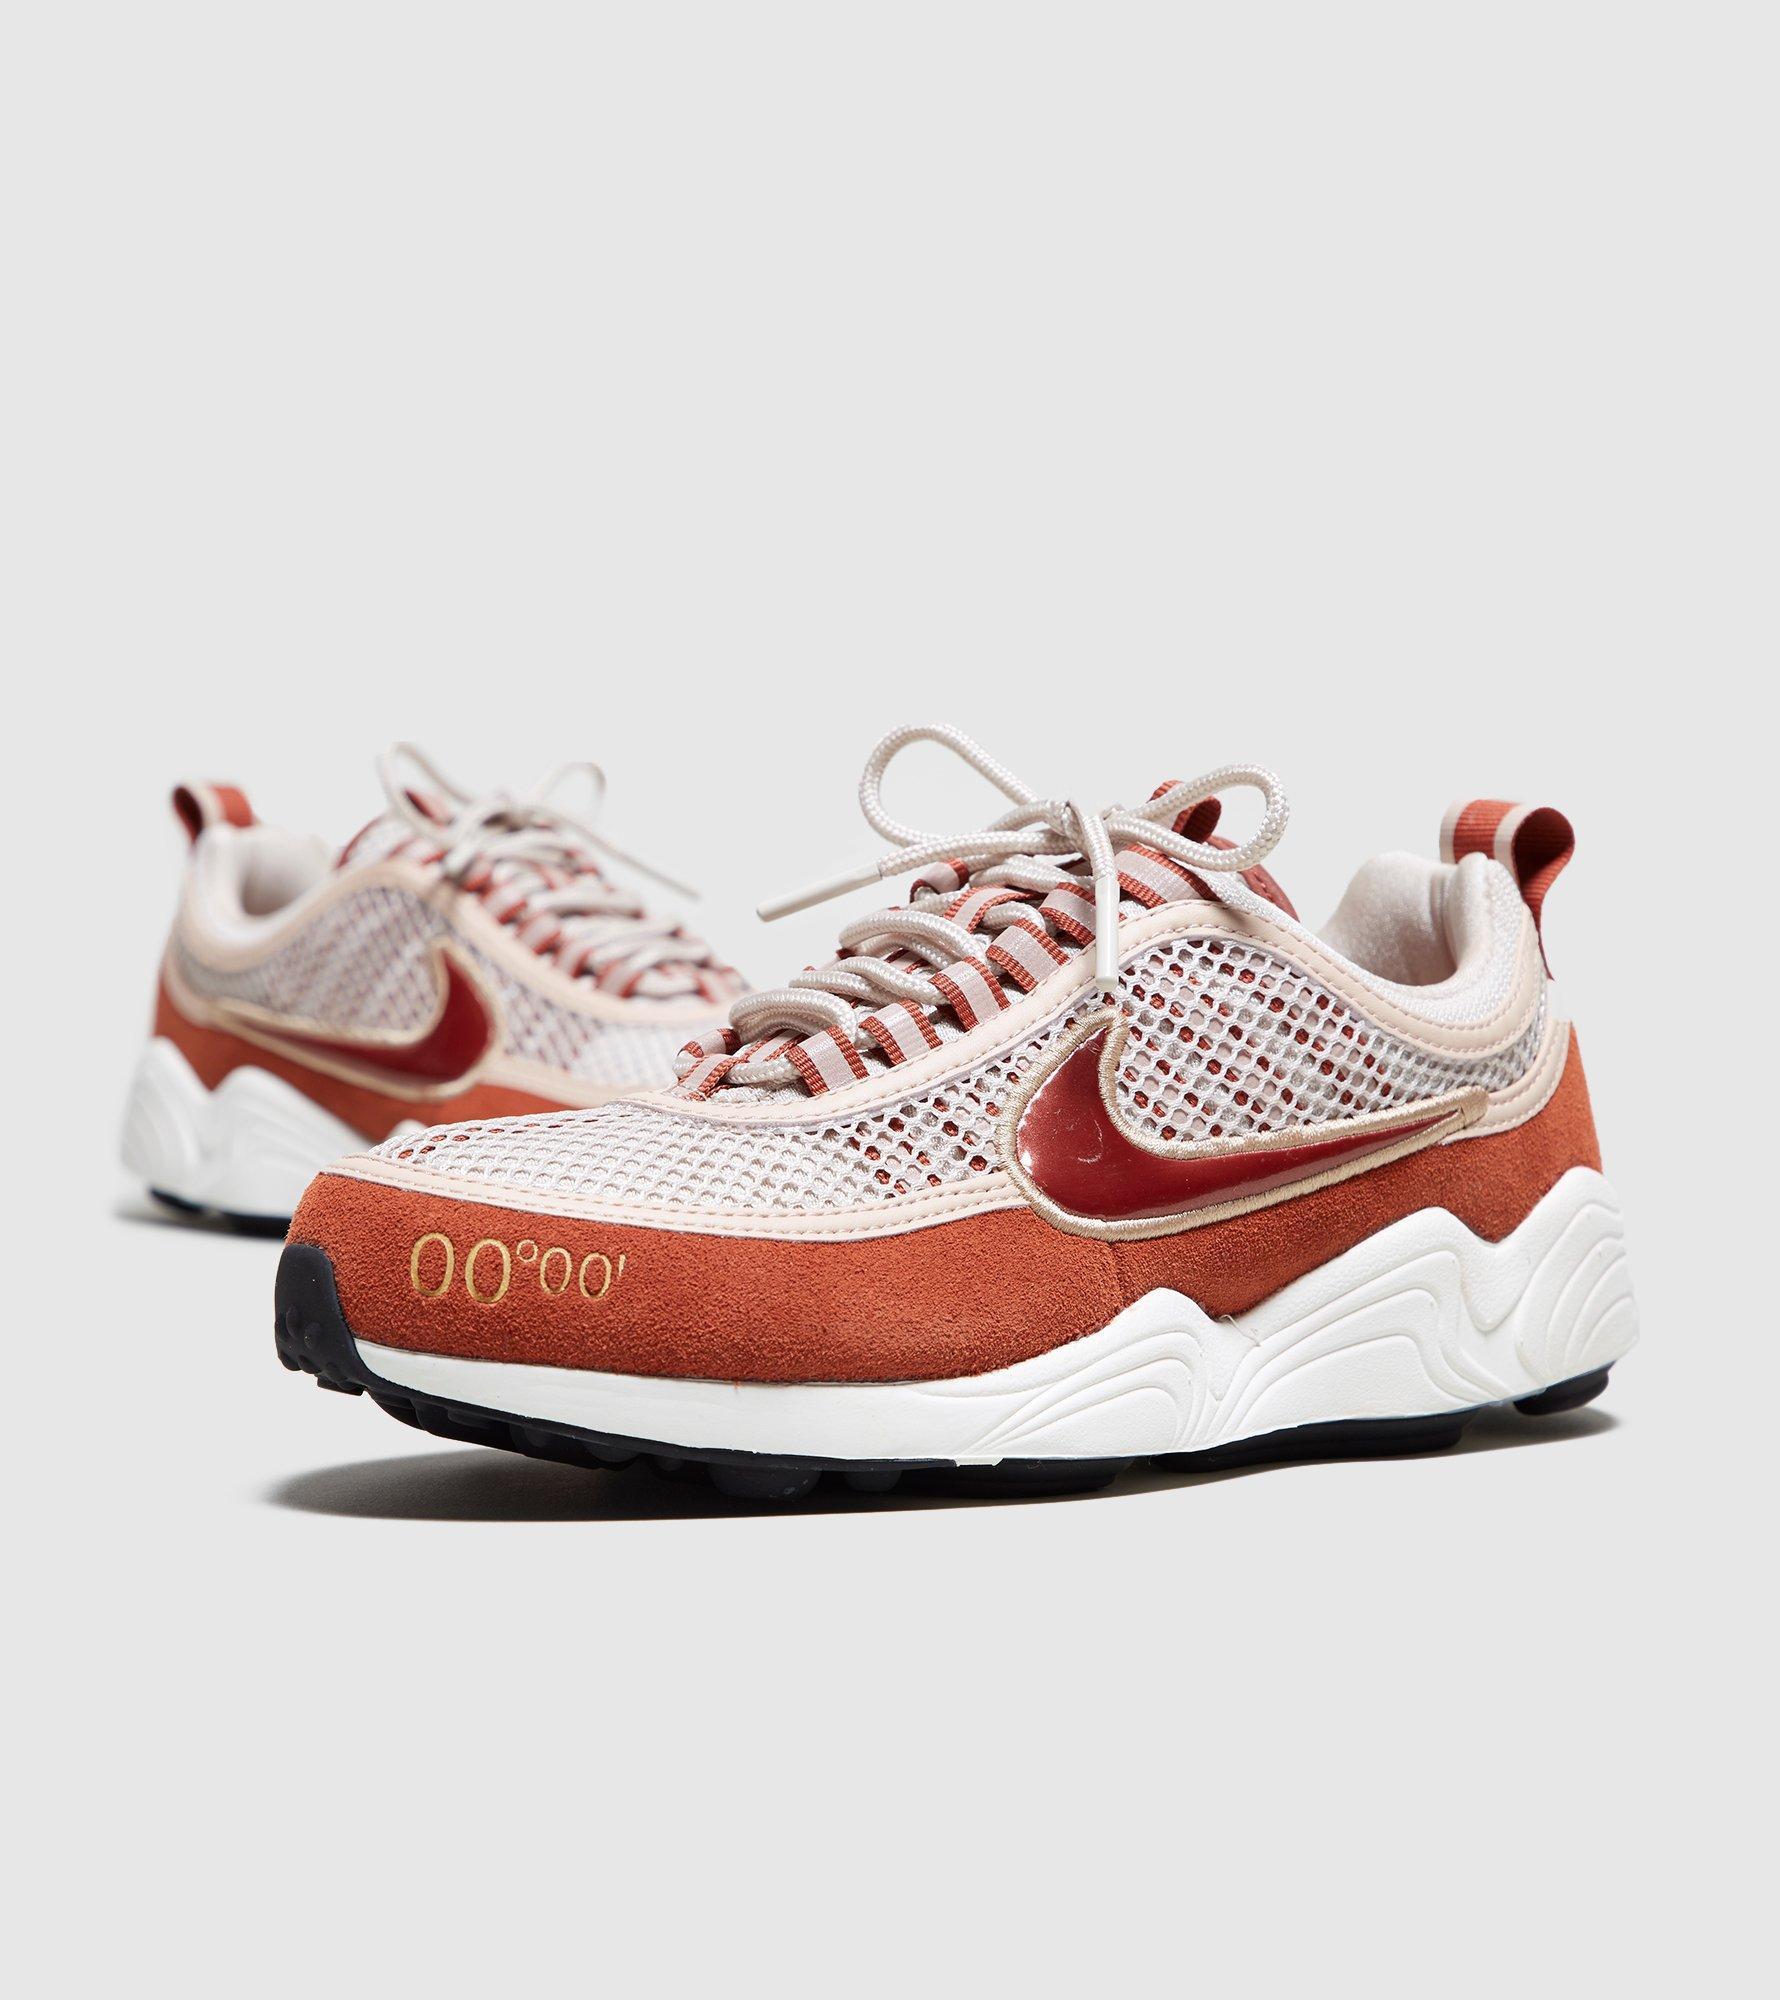 940c079d45e18 Lyst - Nike Air Zoom Spiridon  gmt Pack  Women s in White